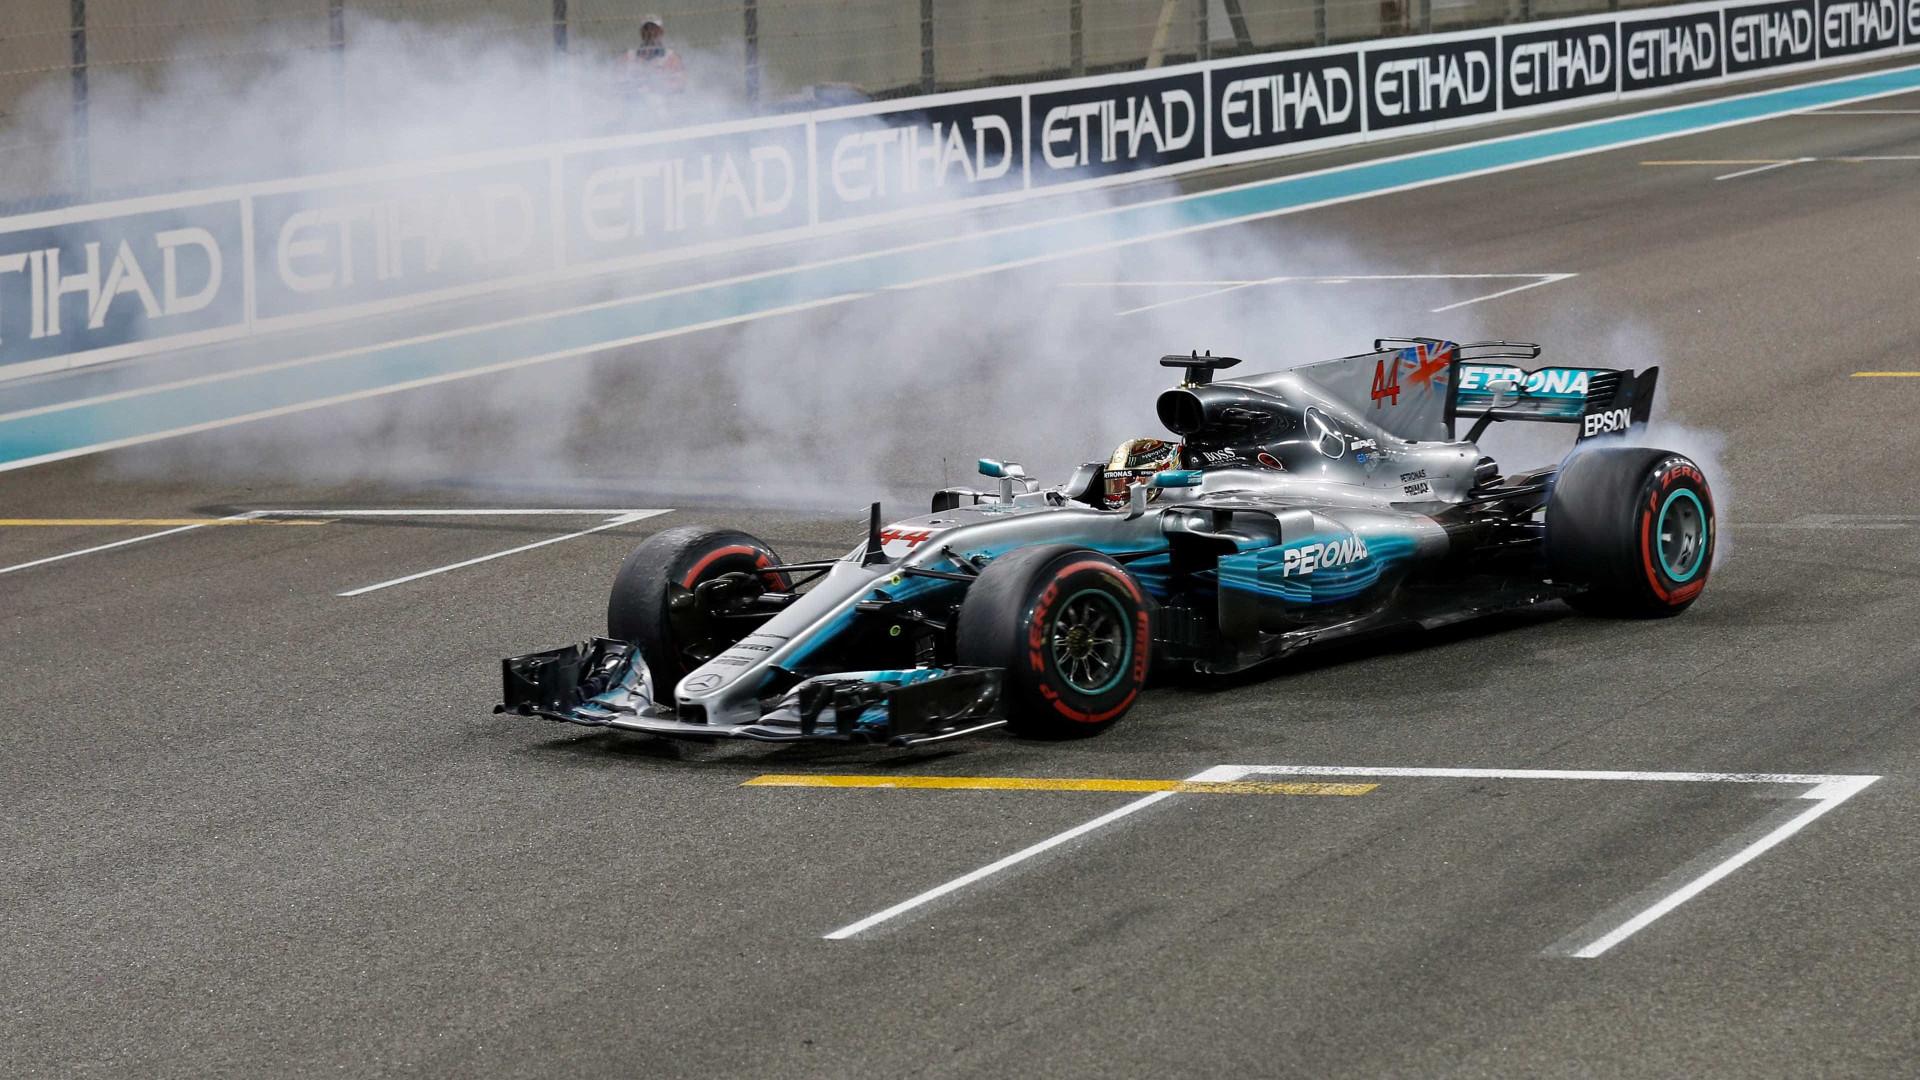 Já há calendário para a nova época do Mundial de Fórmula 1